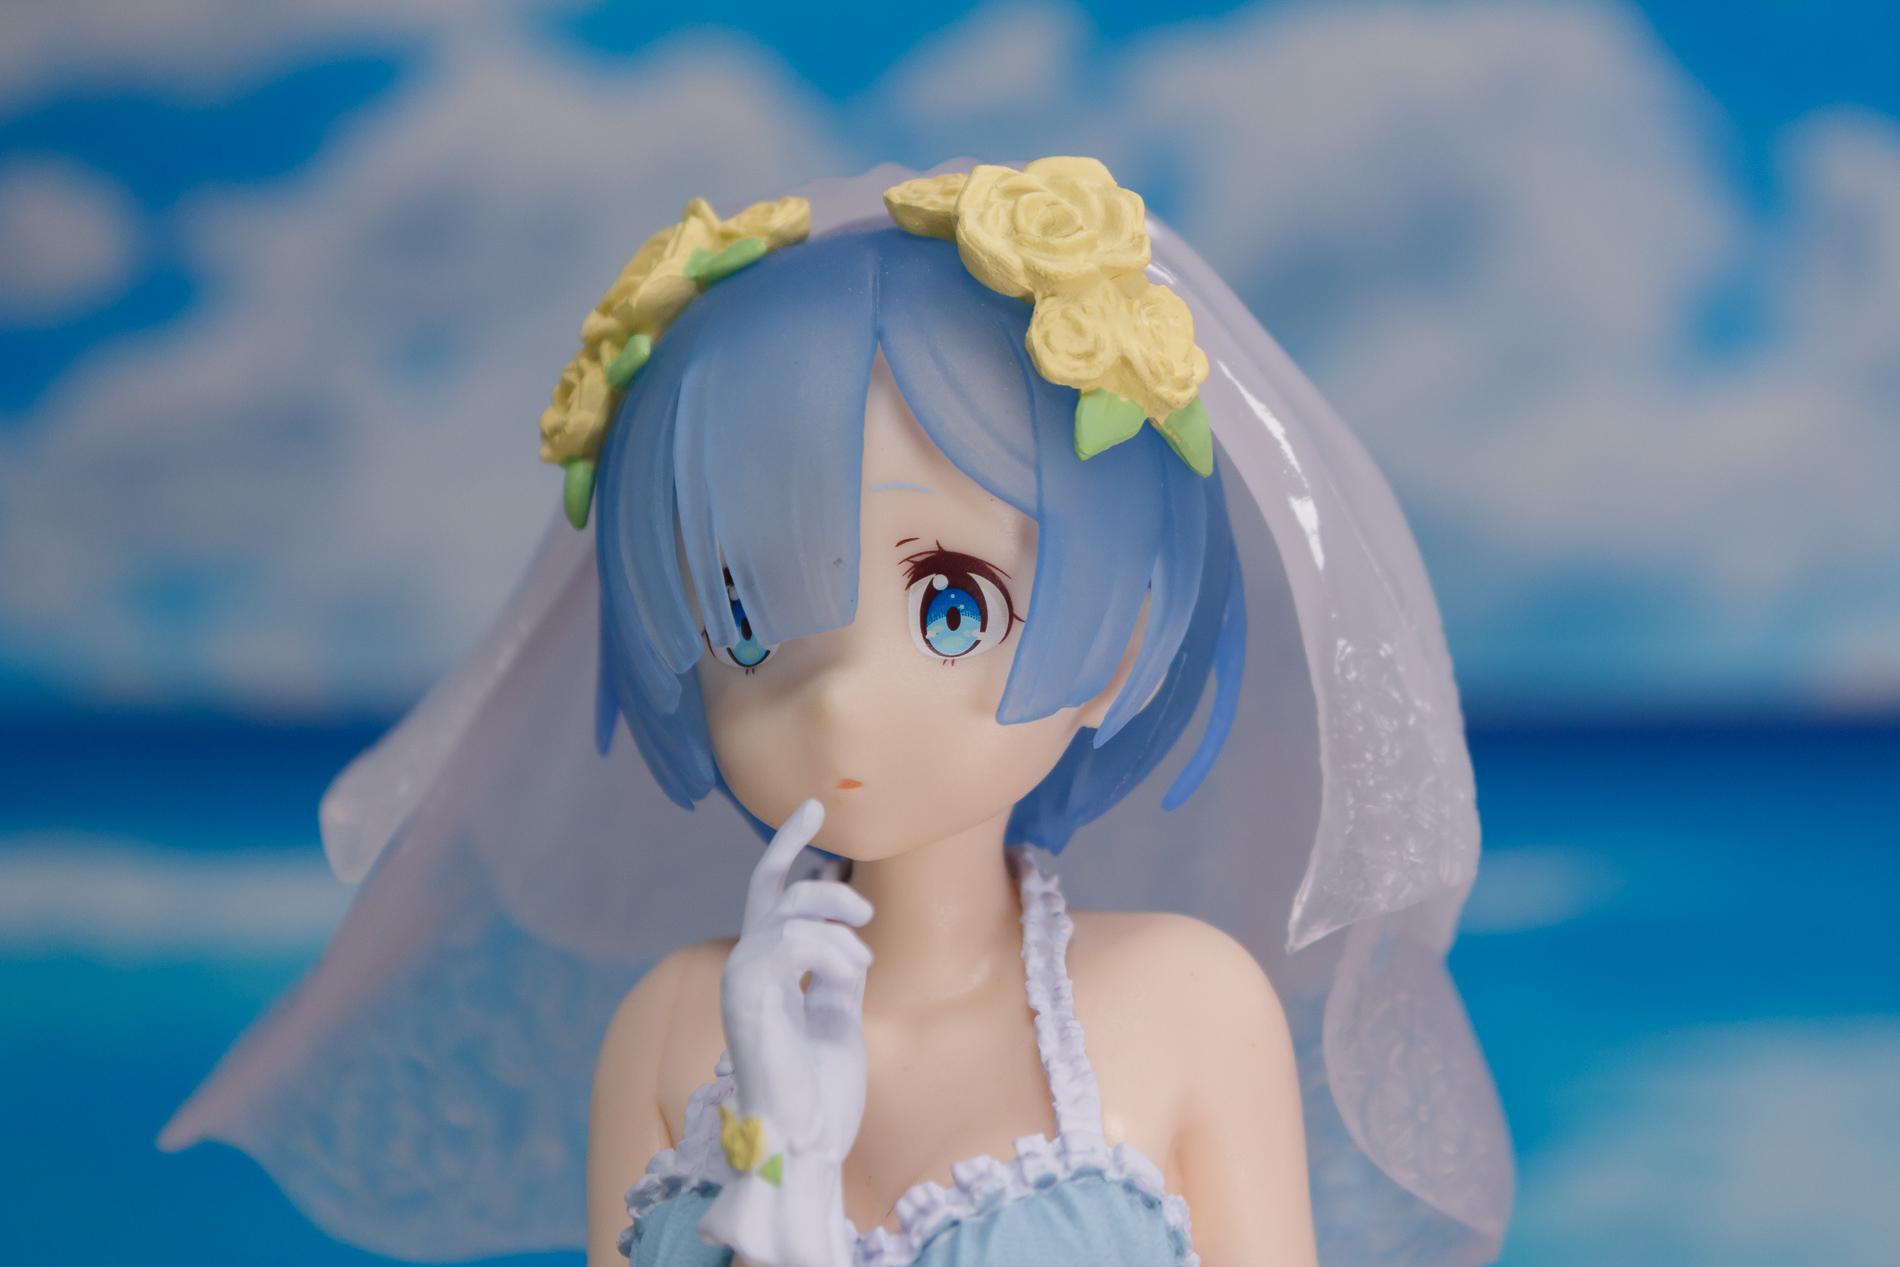 開箱 EXQ 景品《Re:Zero》雷姆 : 原來是玩水? 還以為是結婚呢~ - lqc818052的創作 - 巴哈姆特